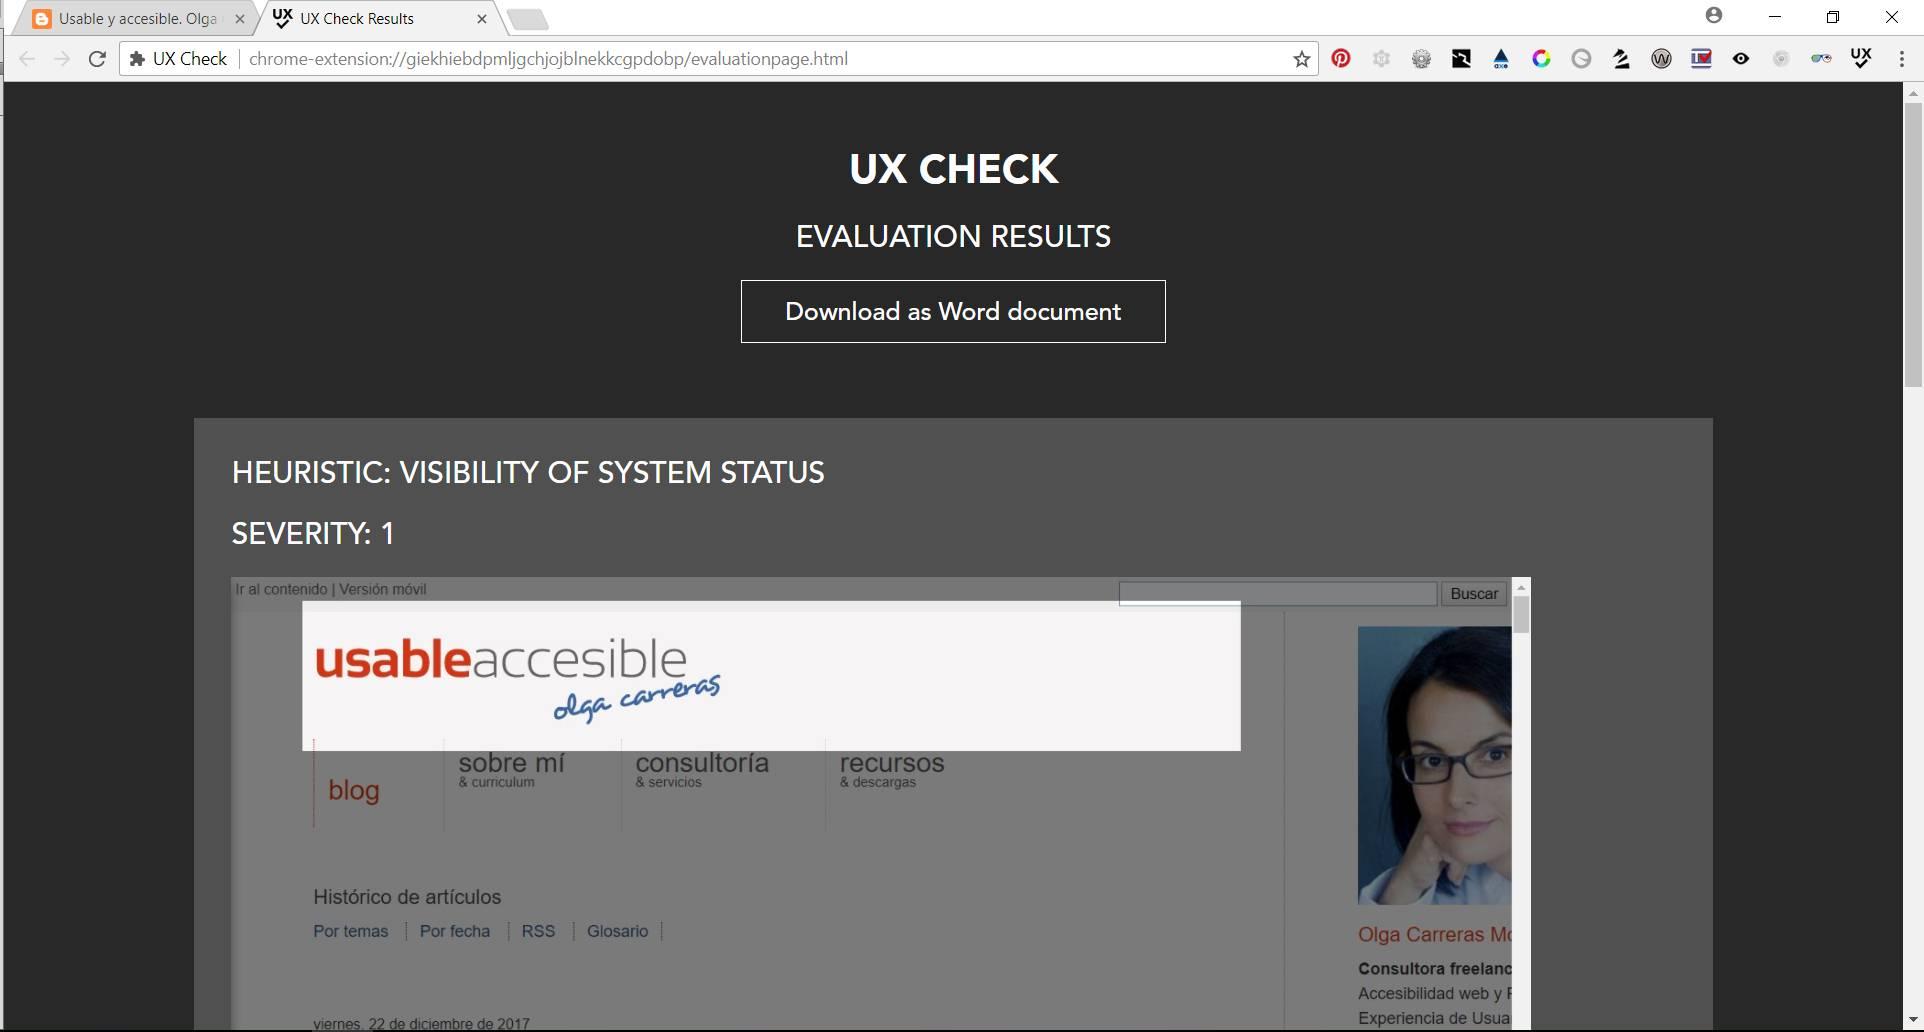 Informe en formato HTML de UX Check. Los resultados se listan agrupados por heurísticas: heurística, gravedad, imagen, nota y recomendación. Hay un botón para exportarlo a Word.